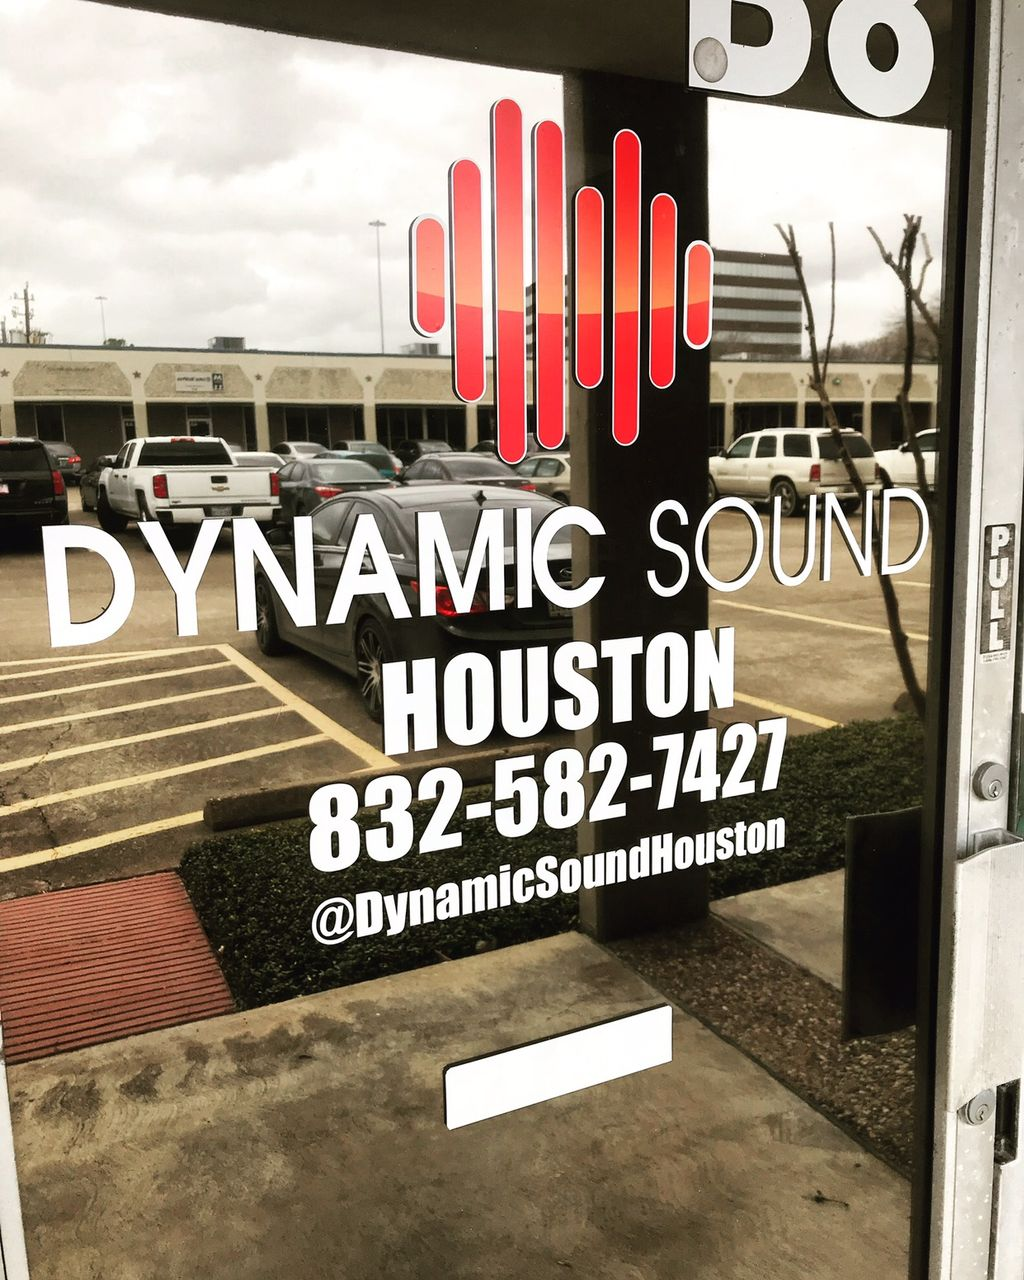 Dynamic Sound Houston